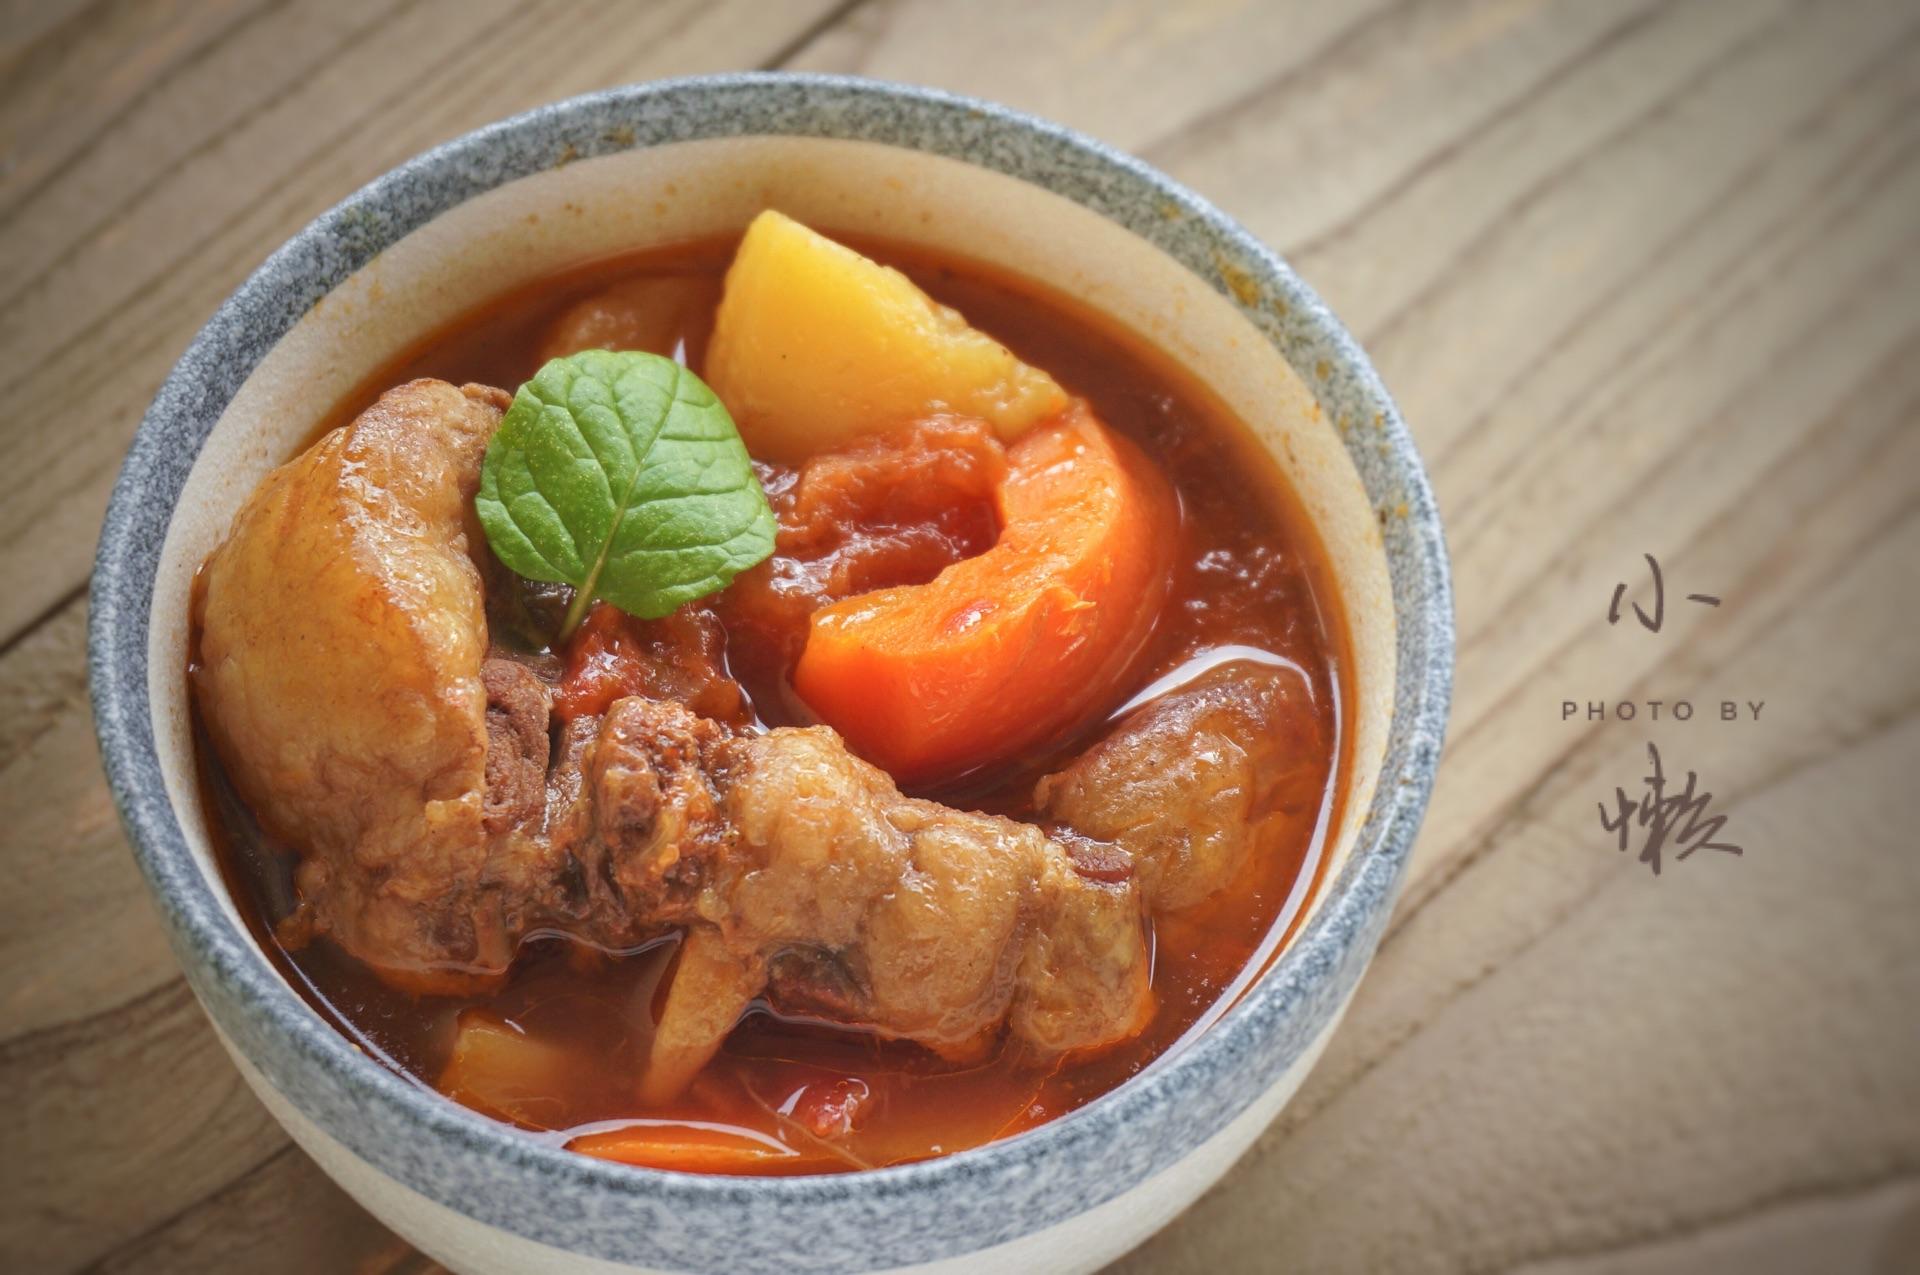 牛尾做法汤的菜谱_番茄_豆果玉米保胎期间能炖美食红萝卜排骨汤吗图片